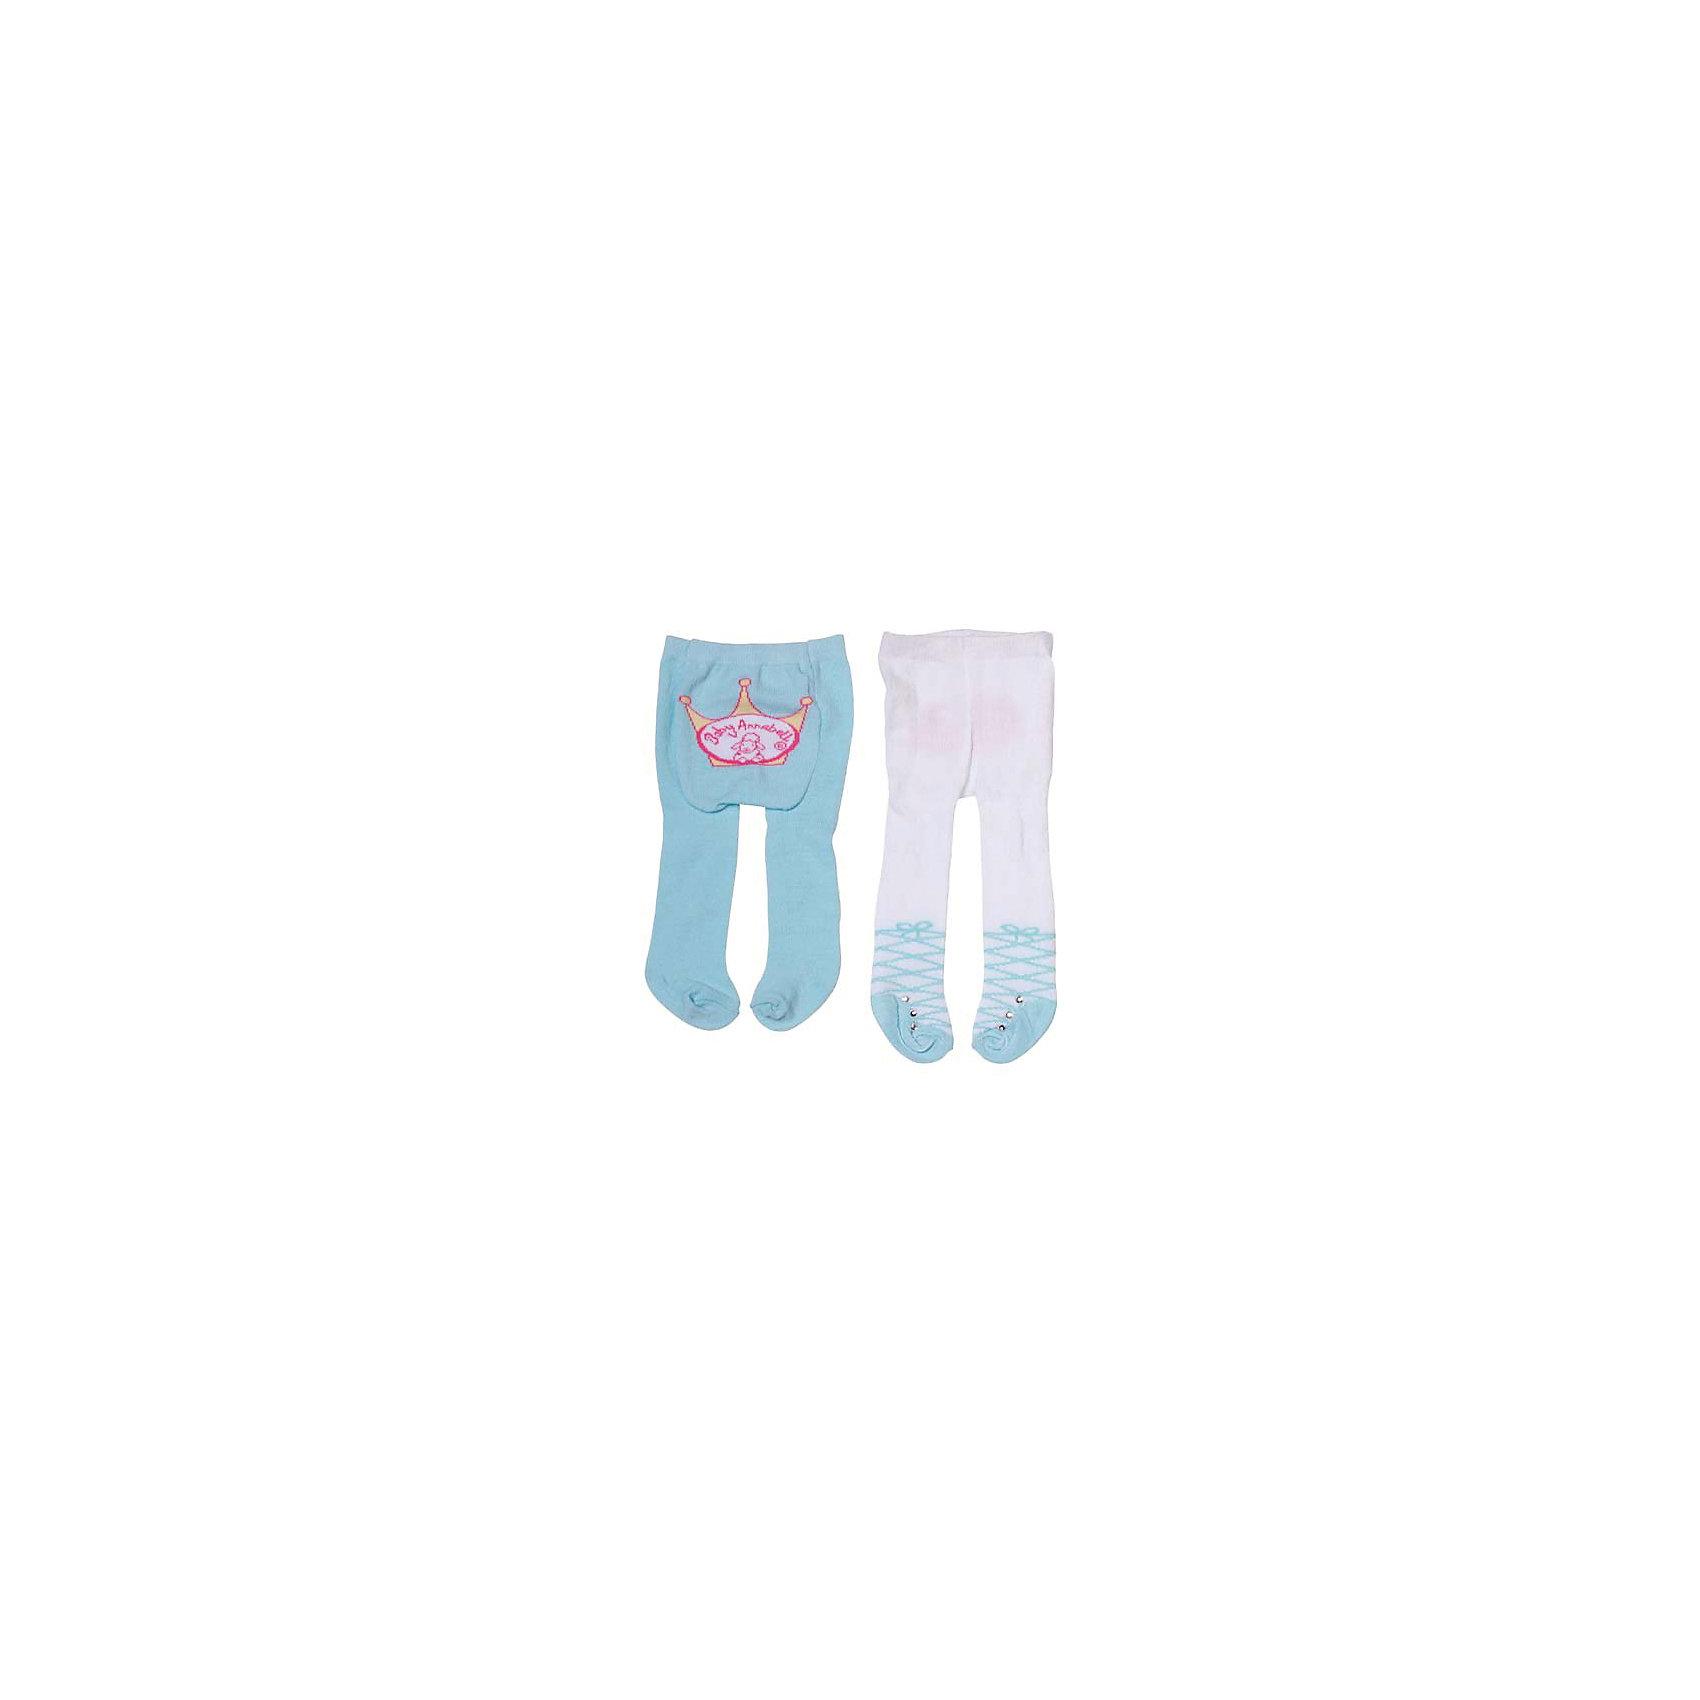 Колготки 2 пары, голубые, Baby AnnabellКукольная одежда и аксессуары<br>Колготки для куклы Baby Annabell, 2 пары.<br><br>Характеристики комплекта Zapf Creation:<br><br>• количество в упаковке: 2 пары;<br>• цвет: голубой и белый с голубым;<br>• декор: логотип Baby Annabell;<br>• особенность колготок: тянутся;<br>• колготки предназначены: для кукол высотой 46 см;<br>• материал: мягкий текстиль;<br>• размер упаковки: 30х1,5х18 см;<br>• вес упаковки: 101 г.<br><br>Колготки 2 пары, голубые, Baby Annabell можно купить в нашем интернет-магазине.<br><br>Ширина мм: 180<br>Глубина мм: 15<br>Высота мм: 300<br>Вес г: 101<br>Возраст от месяцев: 36<br>Возраст до месяцев: 2147483647<br>Пол: Женский<br>Возраст: Детский<br>SKU: 5064299